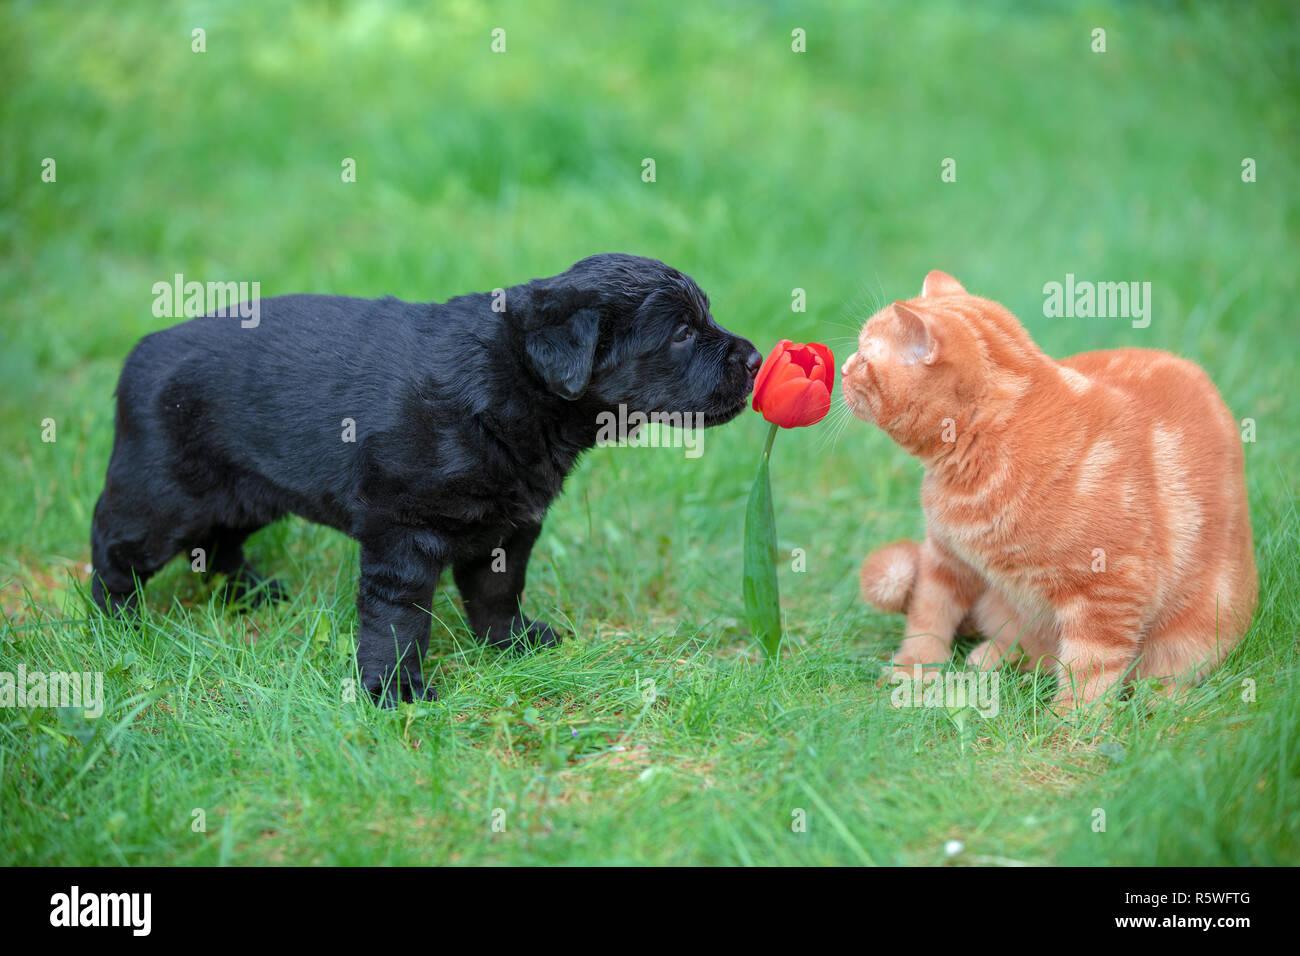 Animaux Droles Petit Chiot Et Chaton Jouer A L Exterieur Dans Le Jardin D Ete Chat Et Chien Reniflant Fleur Tulipe Rouge Photo Stock Alamy